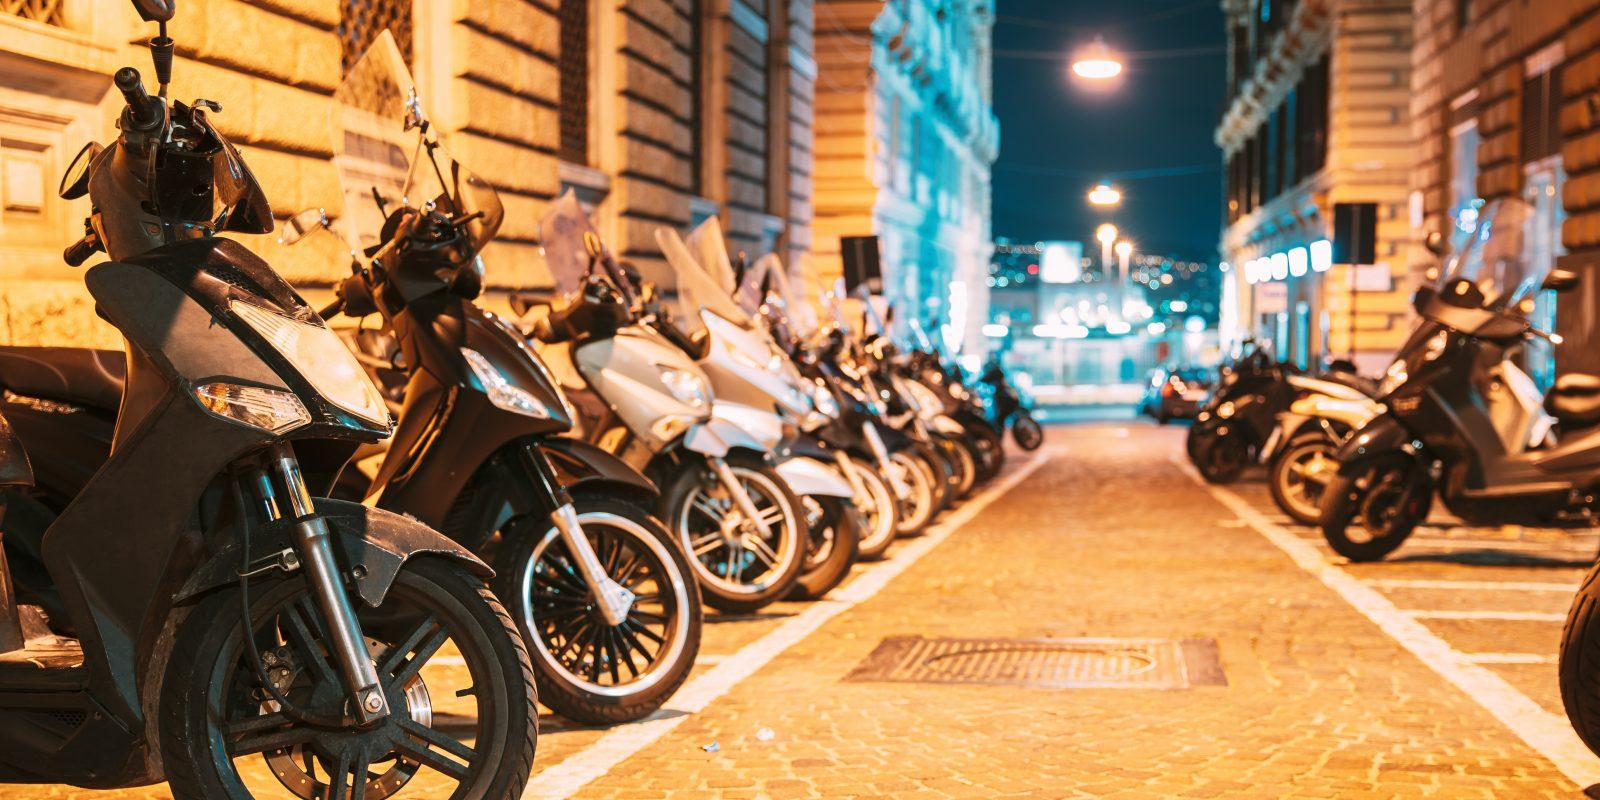 Quelle assurance choisir pour son scooter